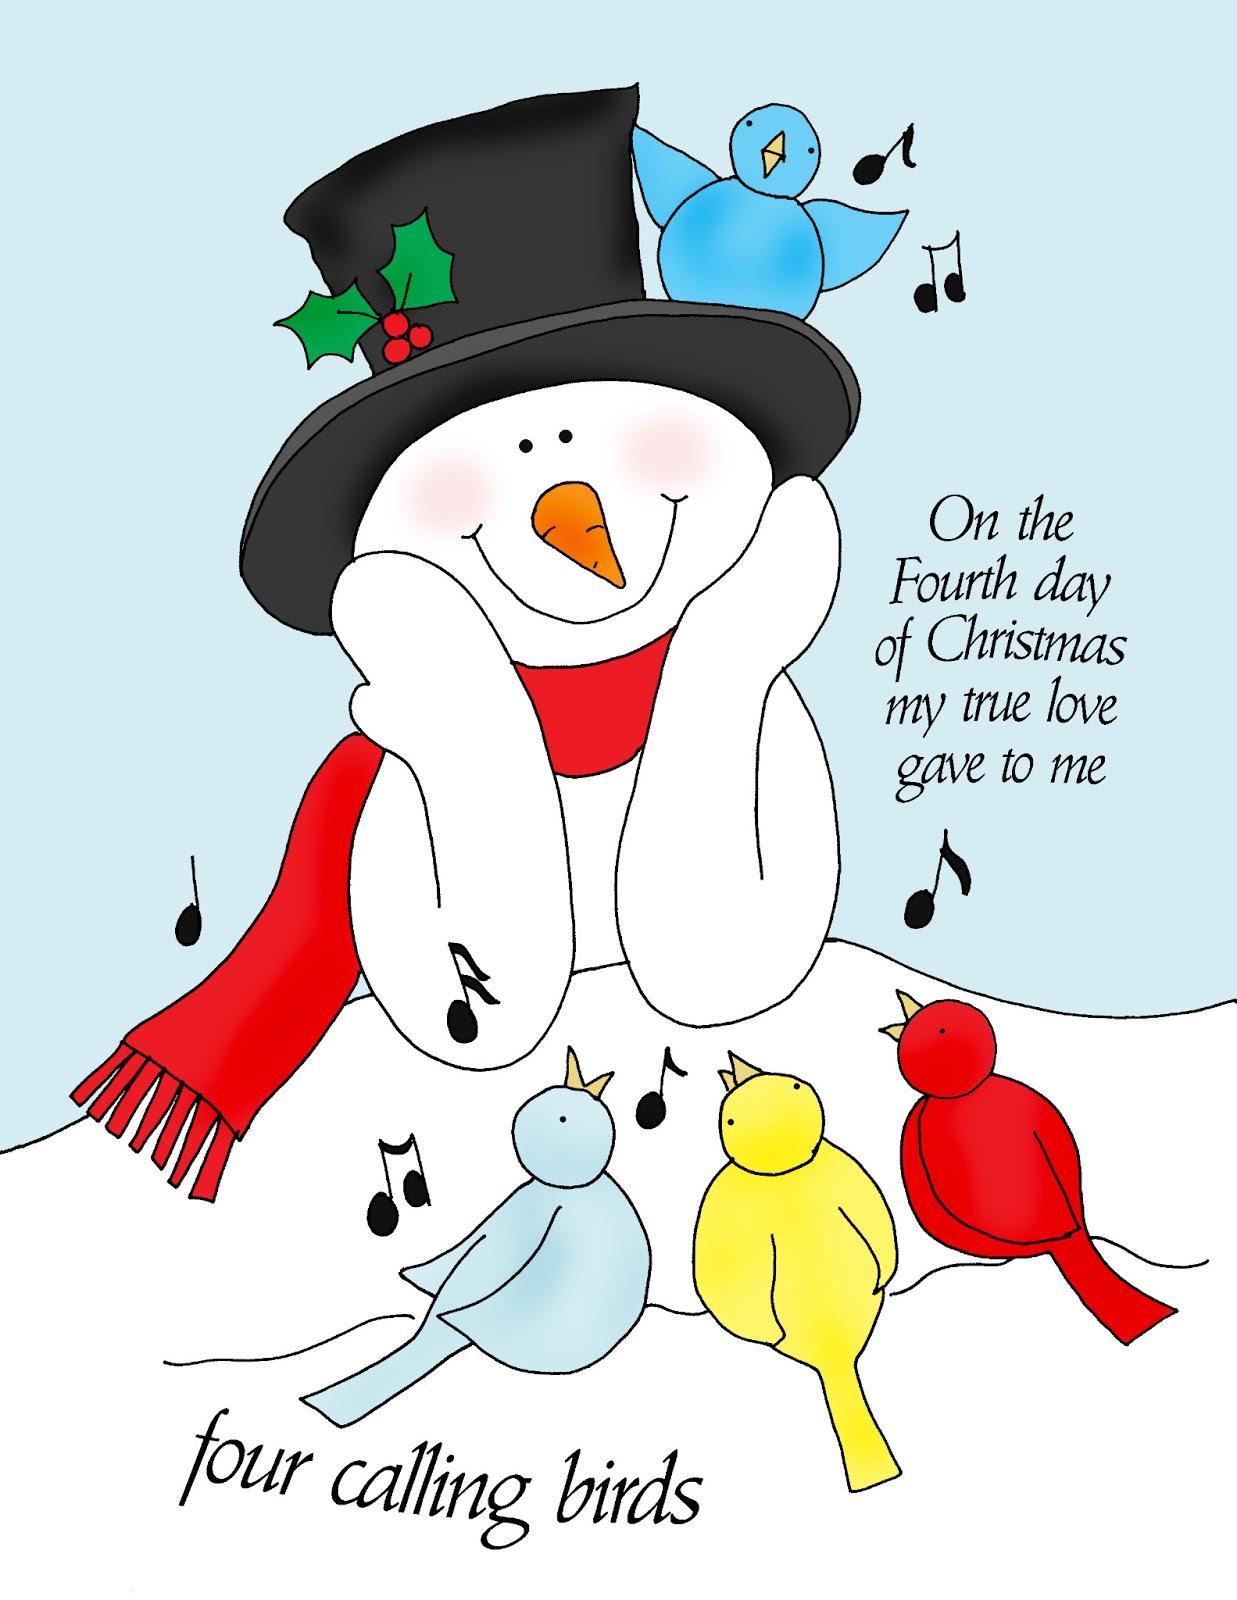 Four calling birds christmas